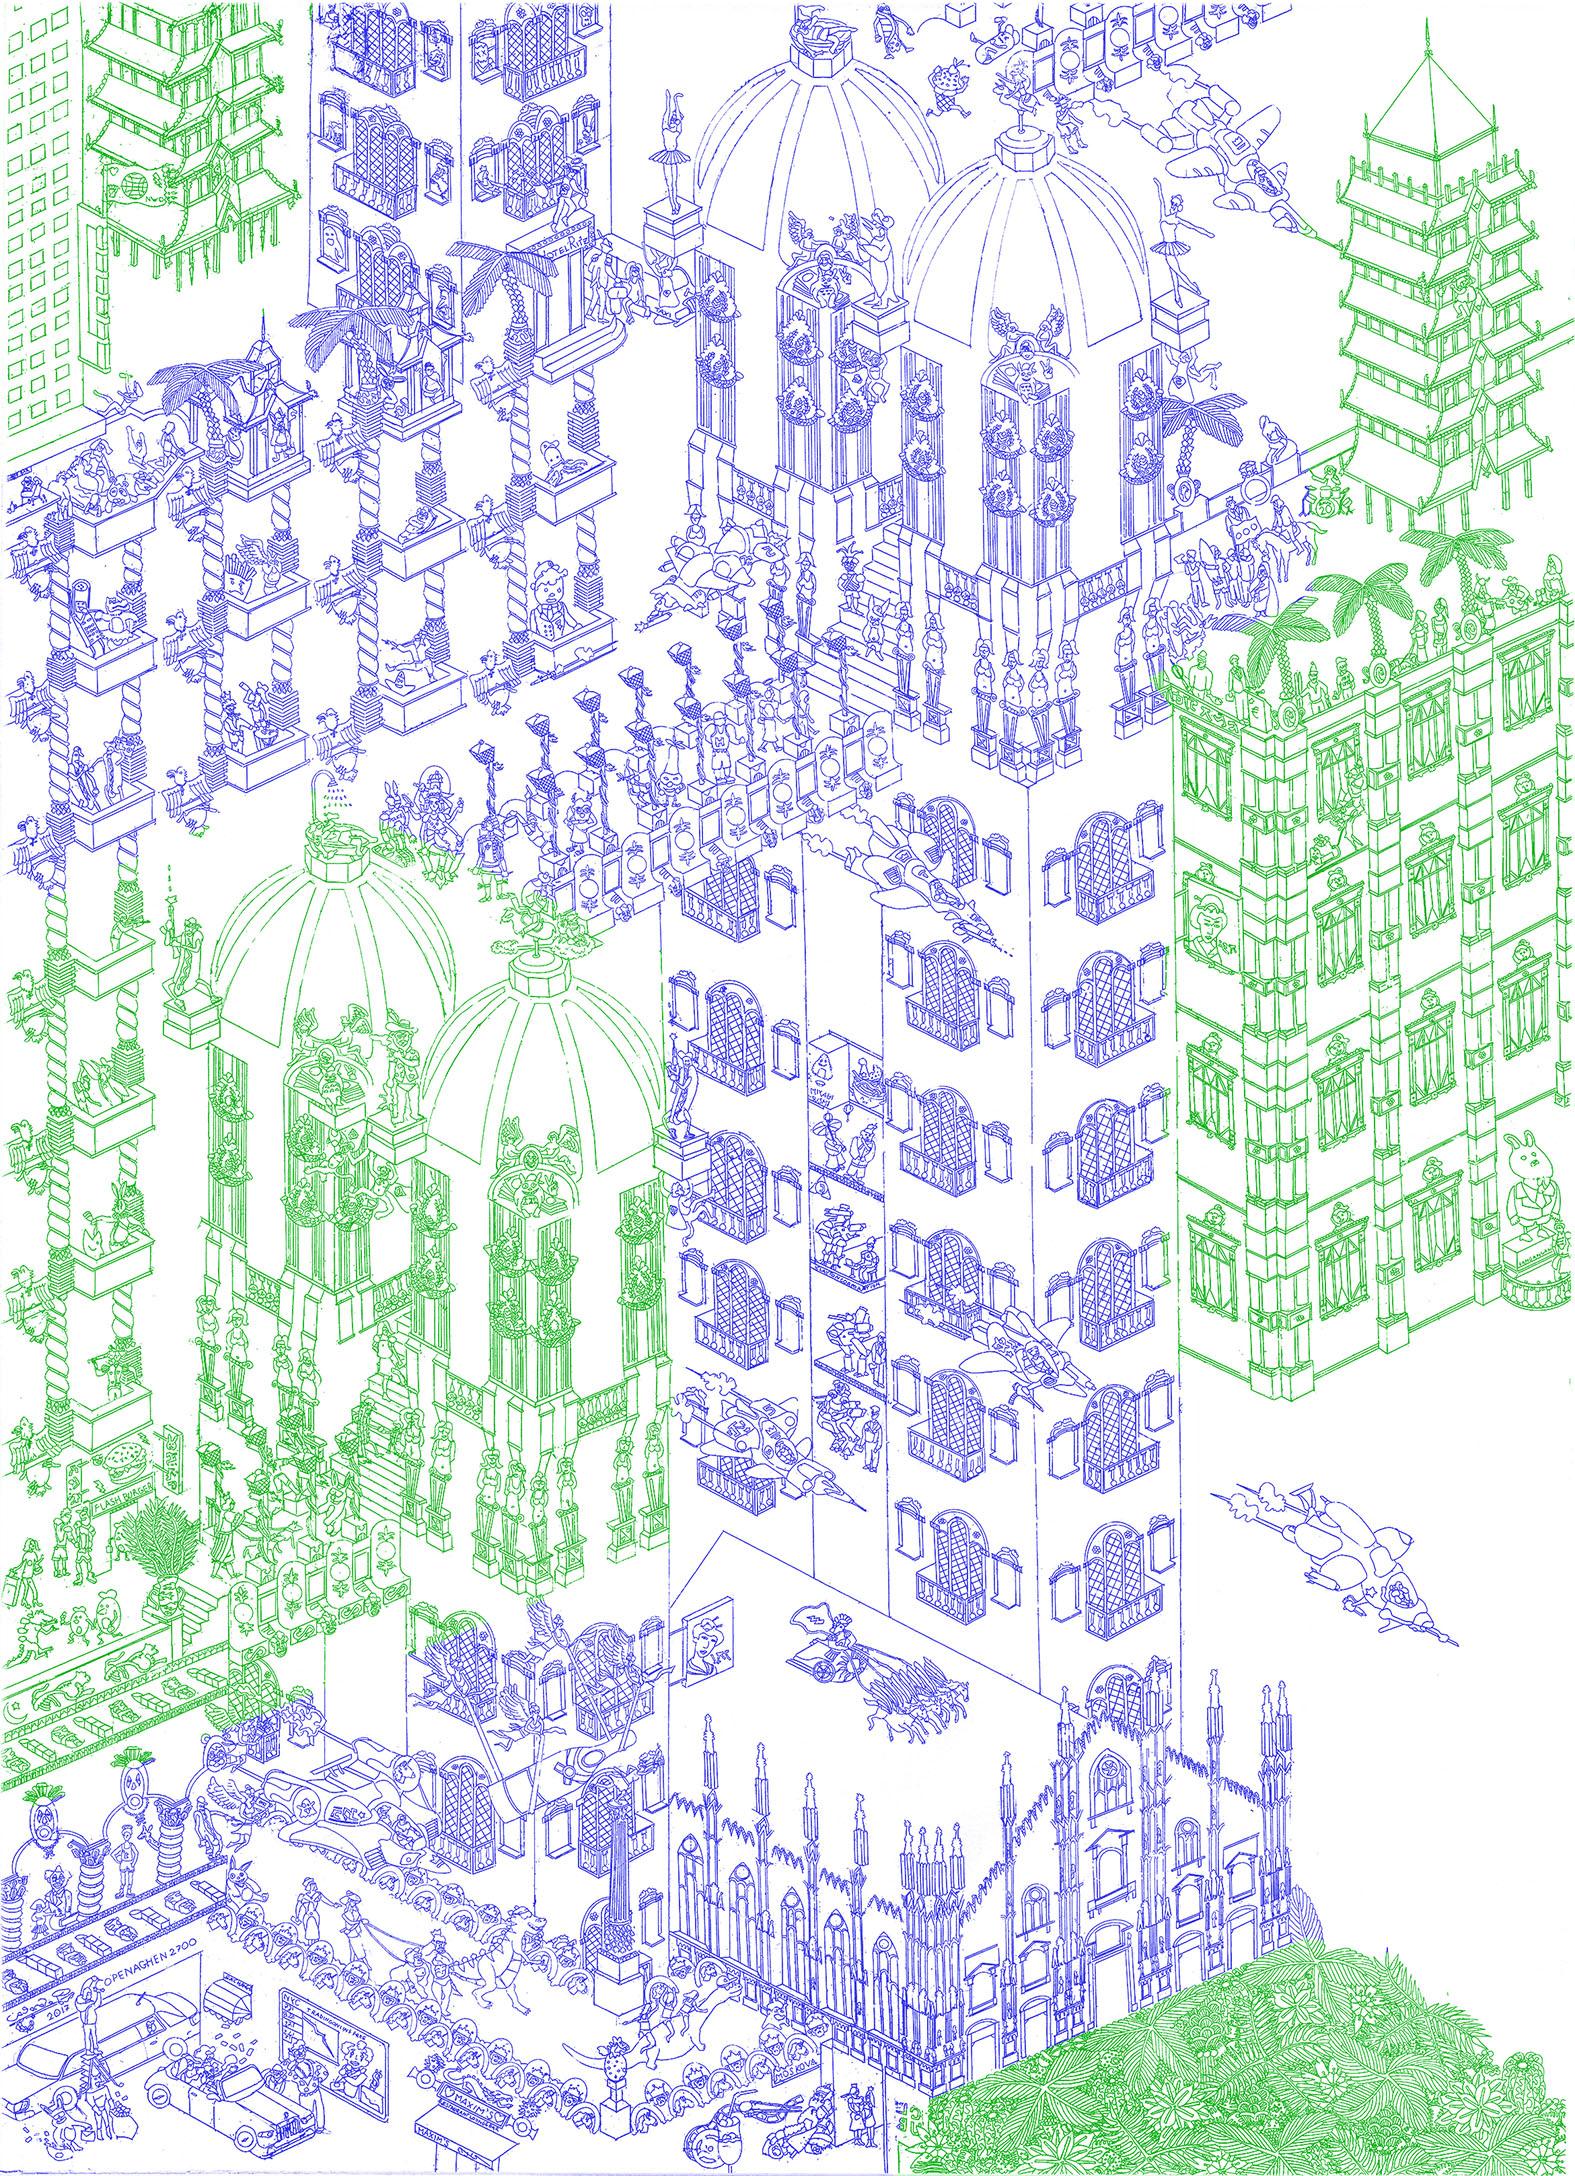 Casolari F. - COPENAGHEN 2700 (inchiostro blu e verde).jpg